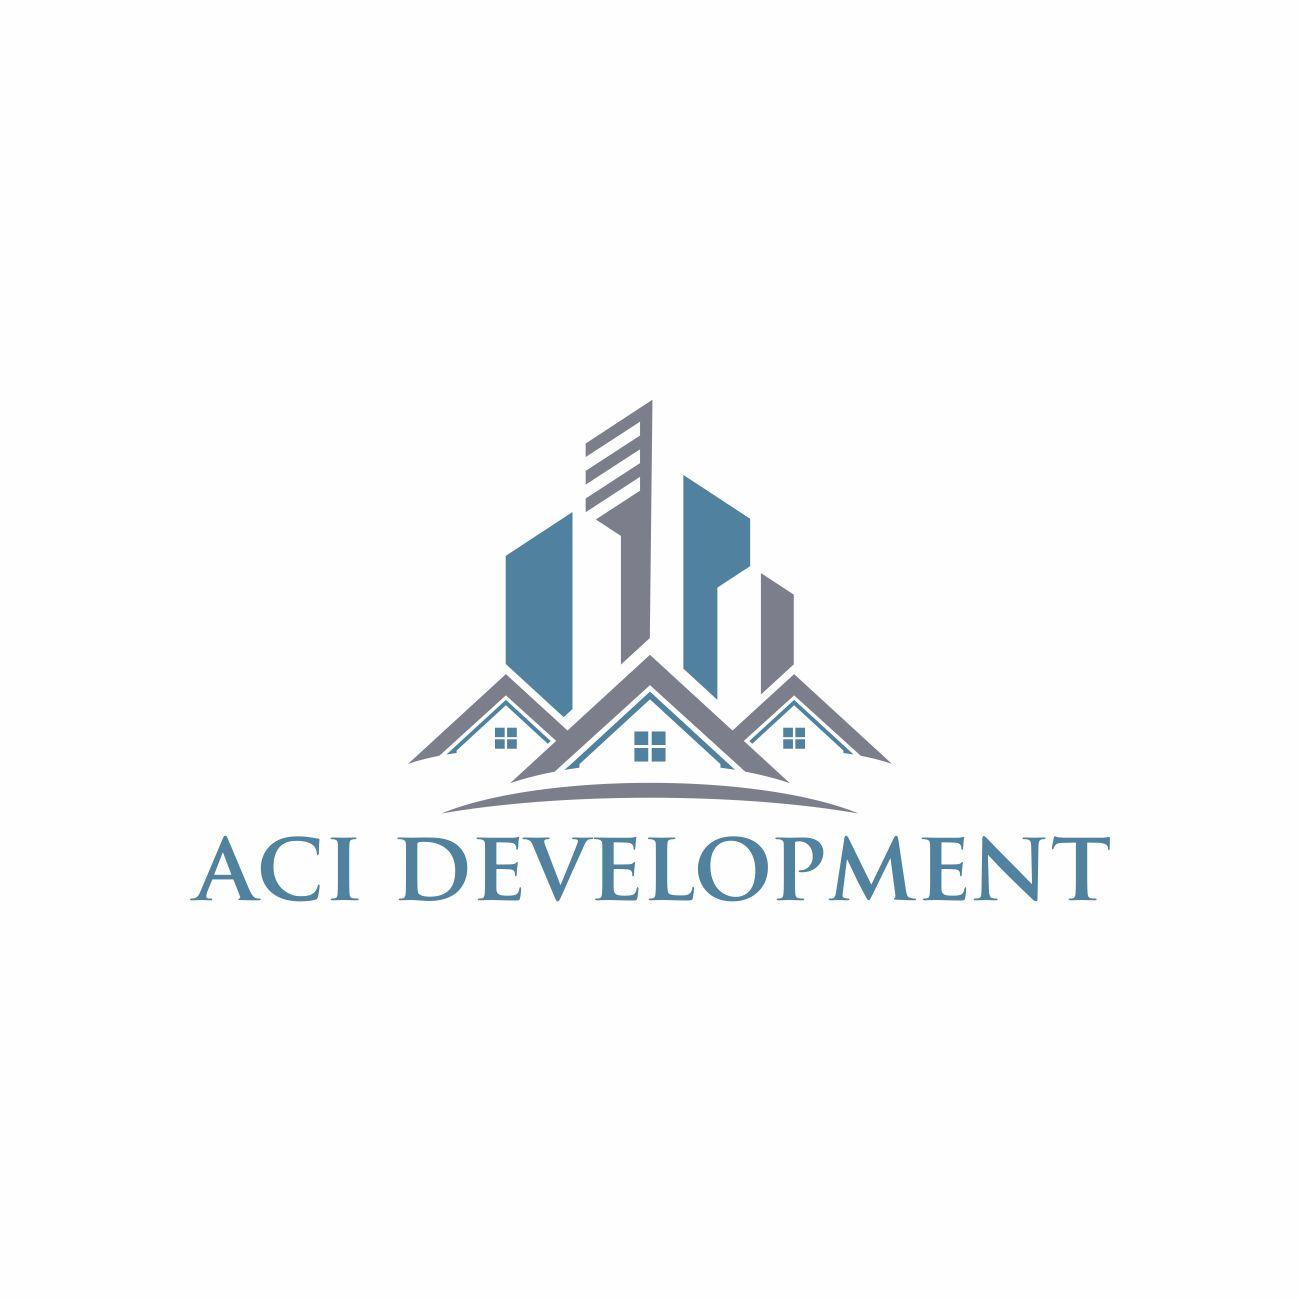 Logo Design by RasYa Muhammad Athaya - Entry No. 21 in the Logo Design Contest Fun Logo Design for Ace development.